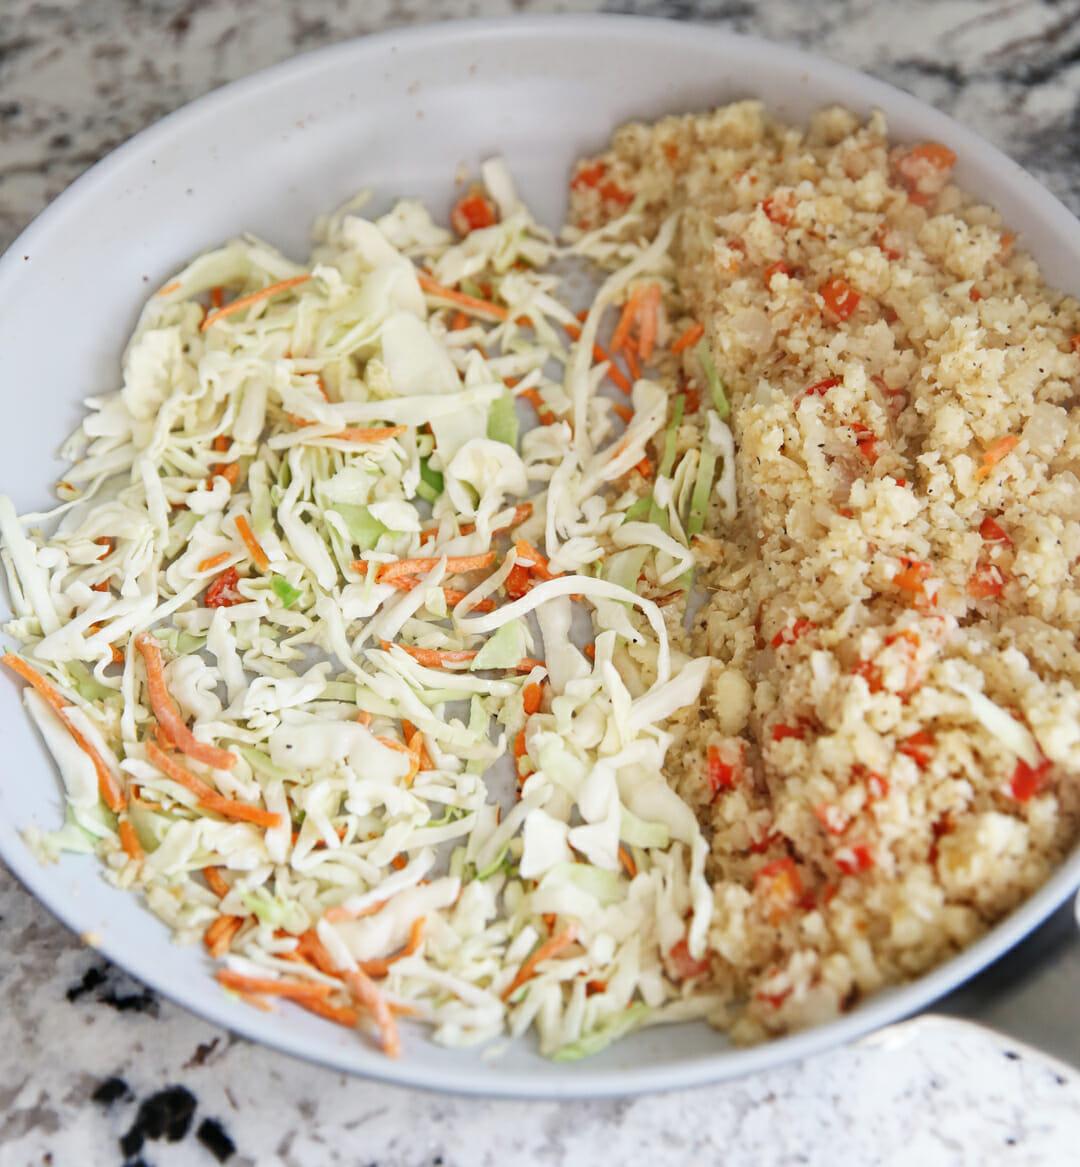 Sauting Cauliflower Rice